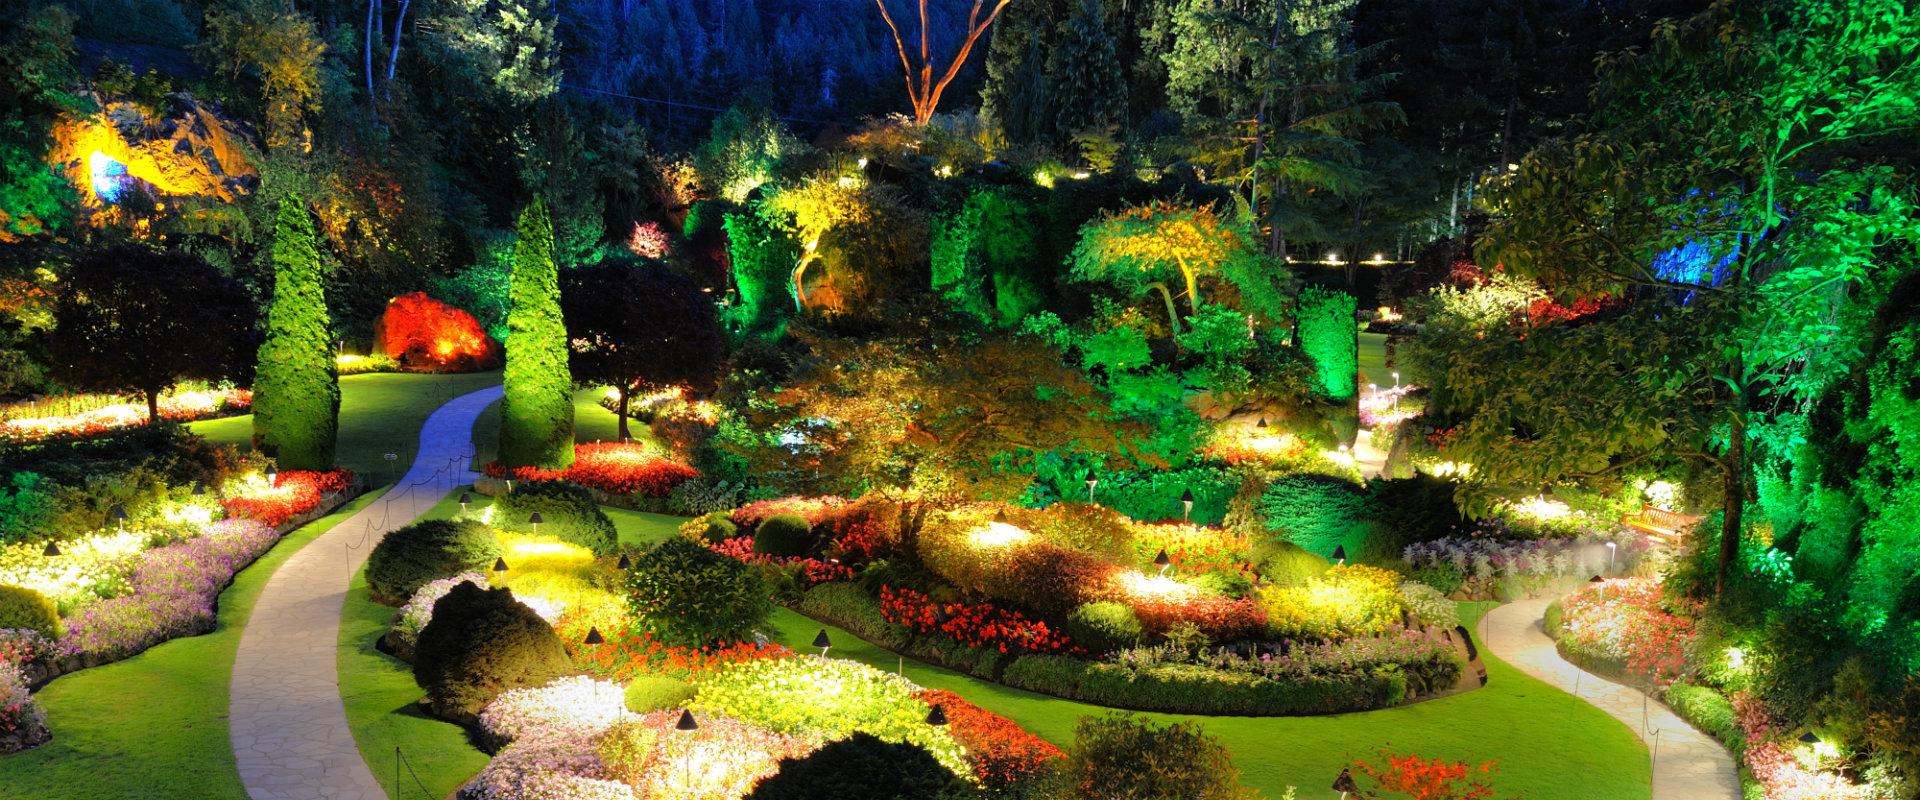 Jardín decorado con luz